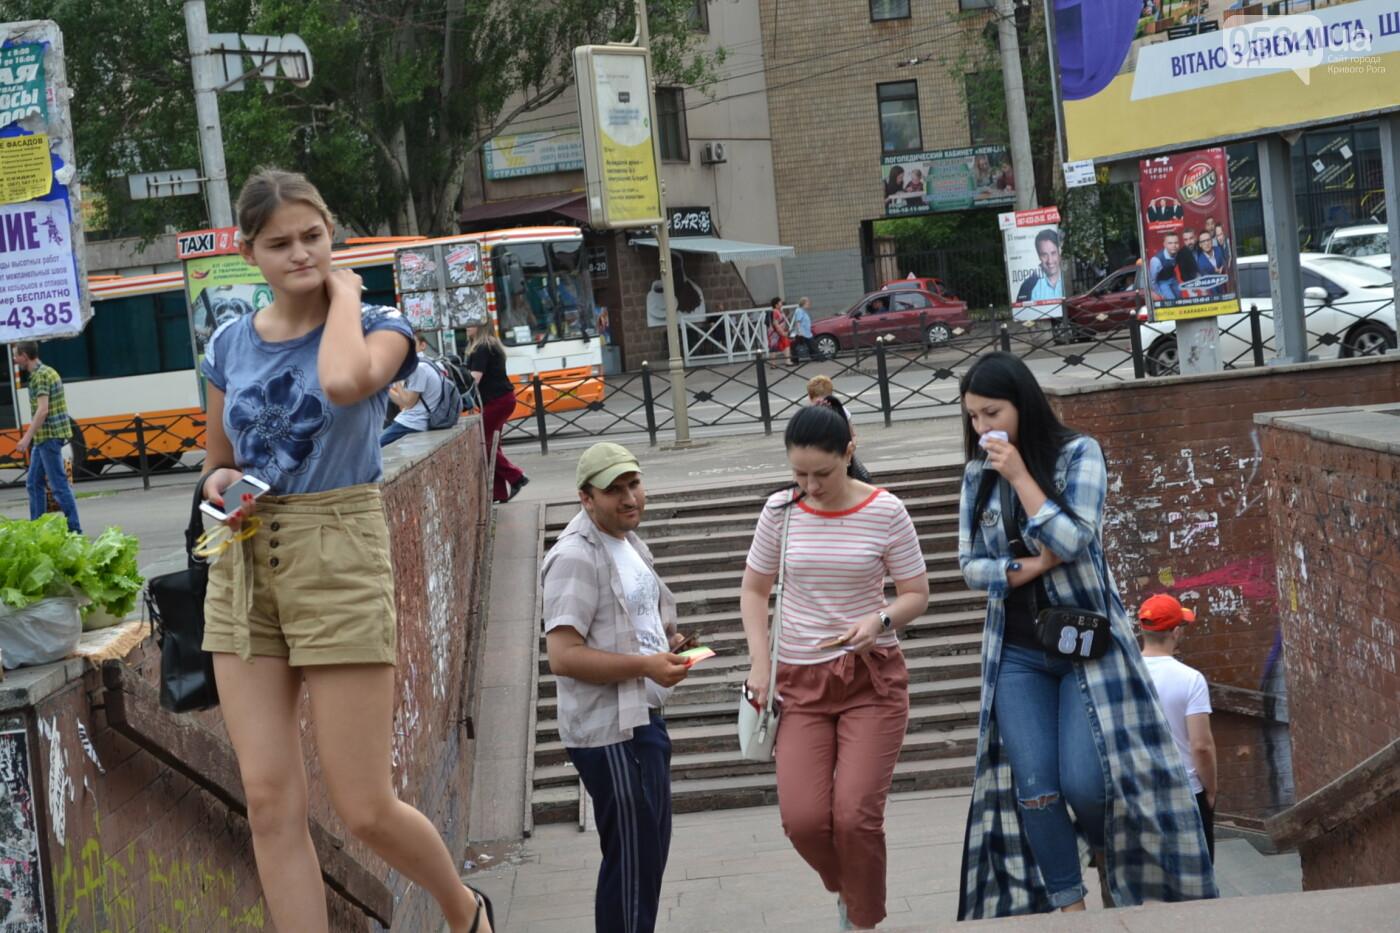 Концерт от Madisan Rock Club: криворожские музыканты поддержали юную Алину Михалковскую, - ФОТО, ВИДЕО, фото-14